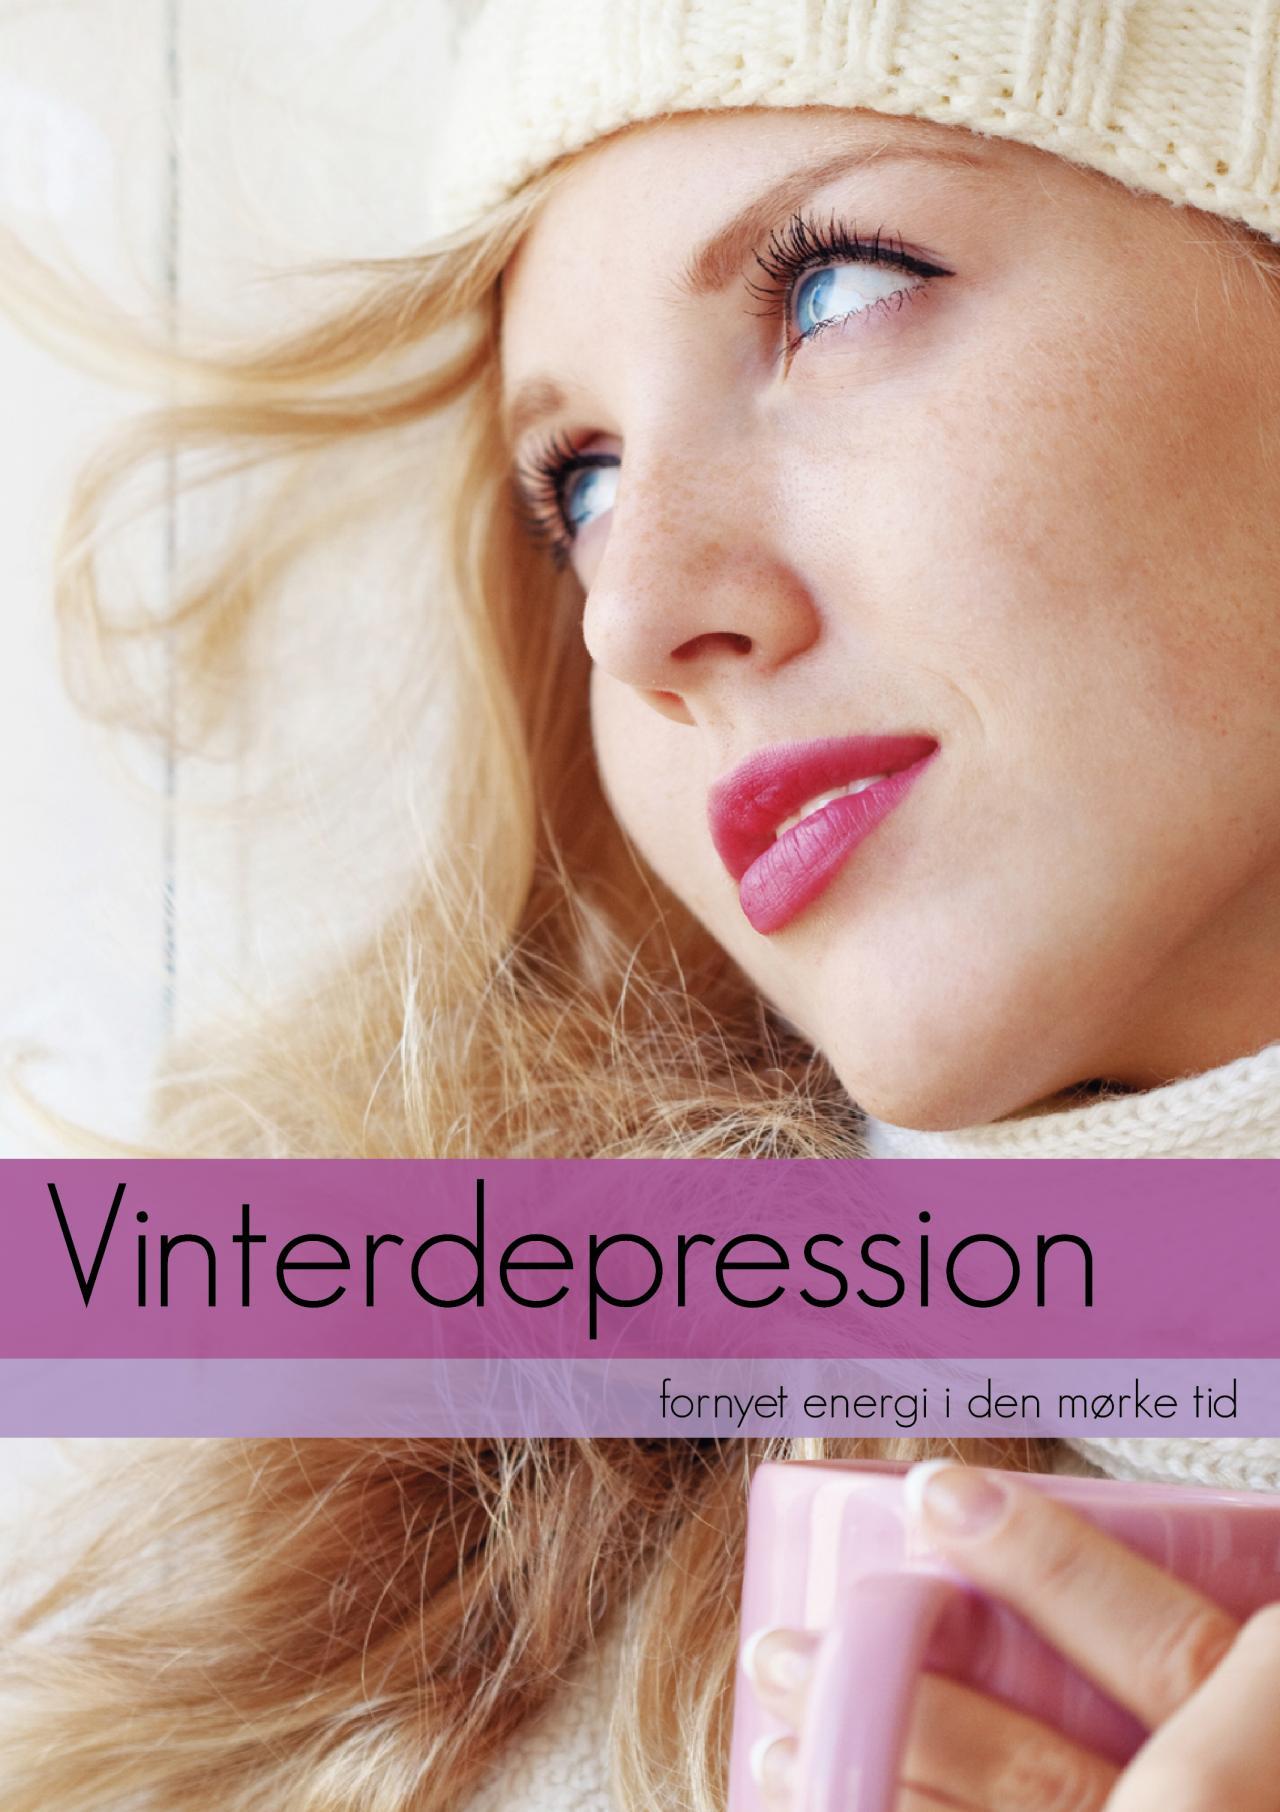 N/A – Vinterdepression - fornyet energi i den mørke tid (hypnose) på mindly.dk